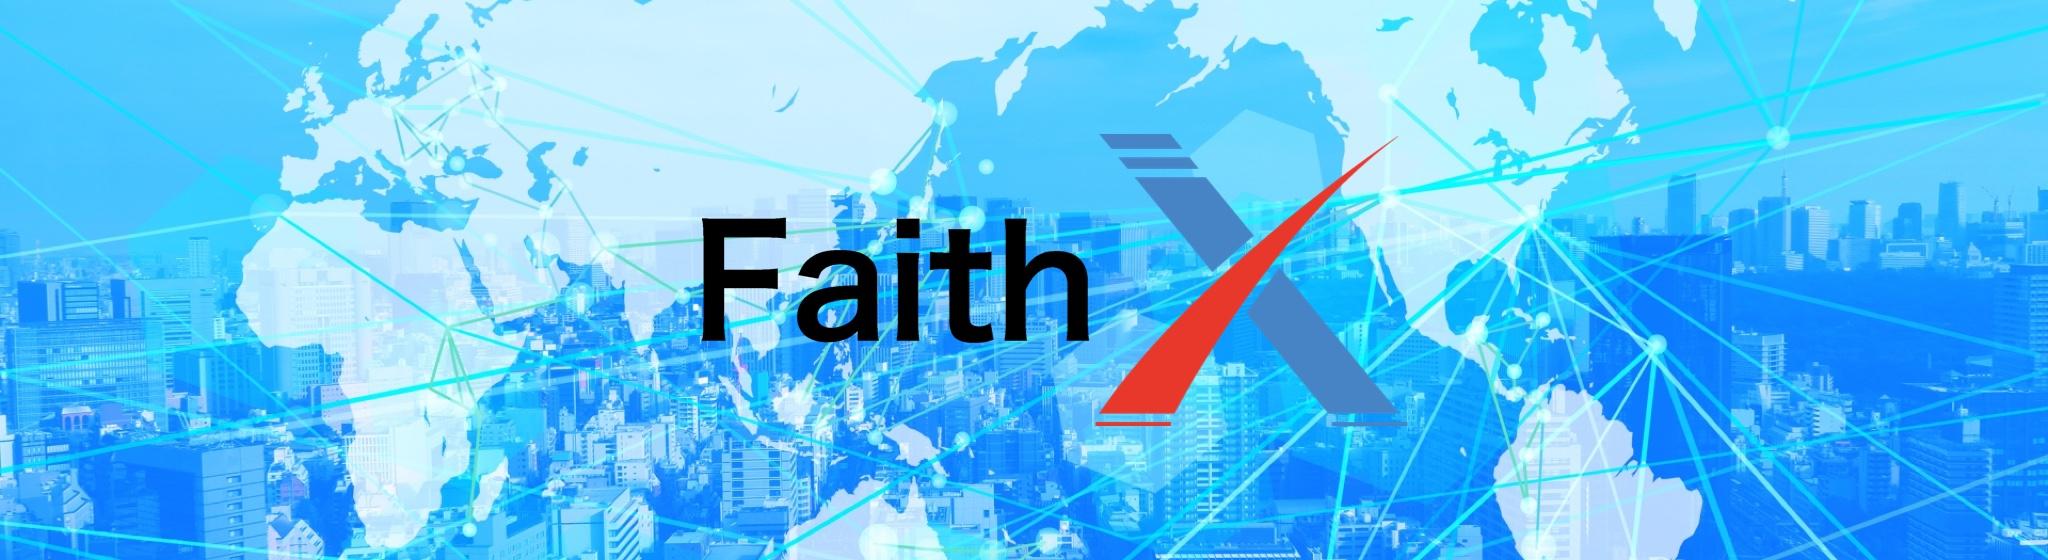 FaithX